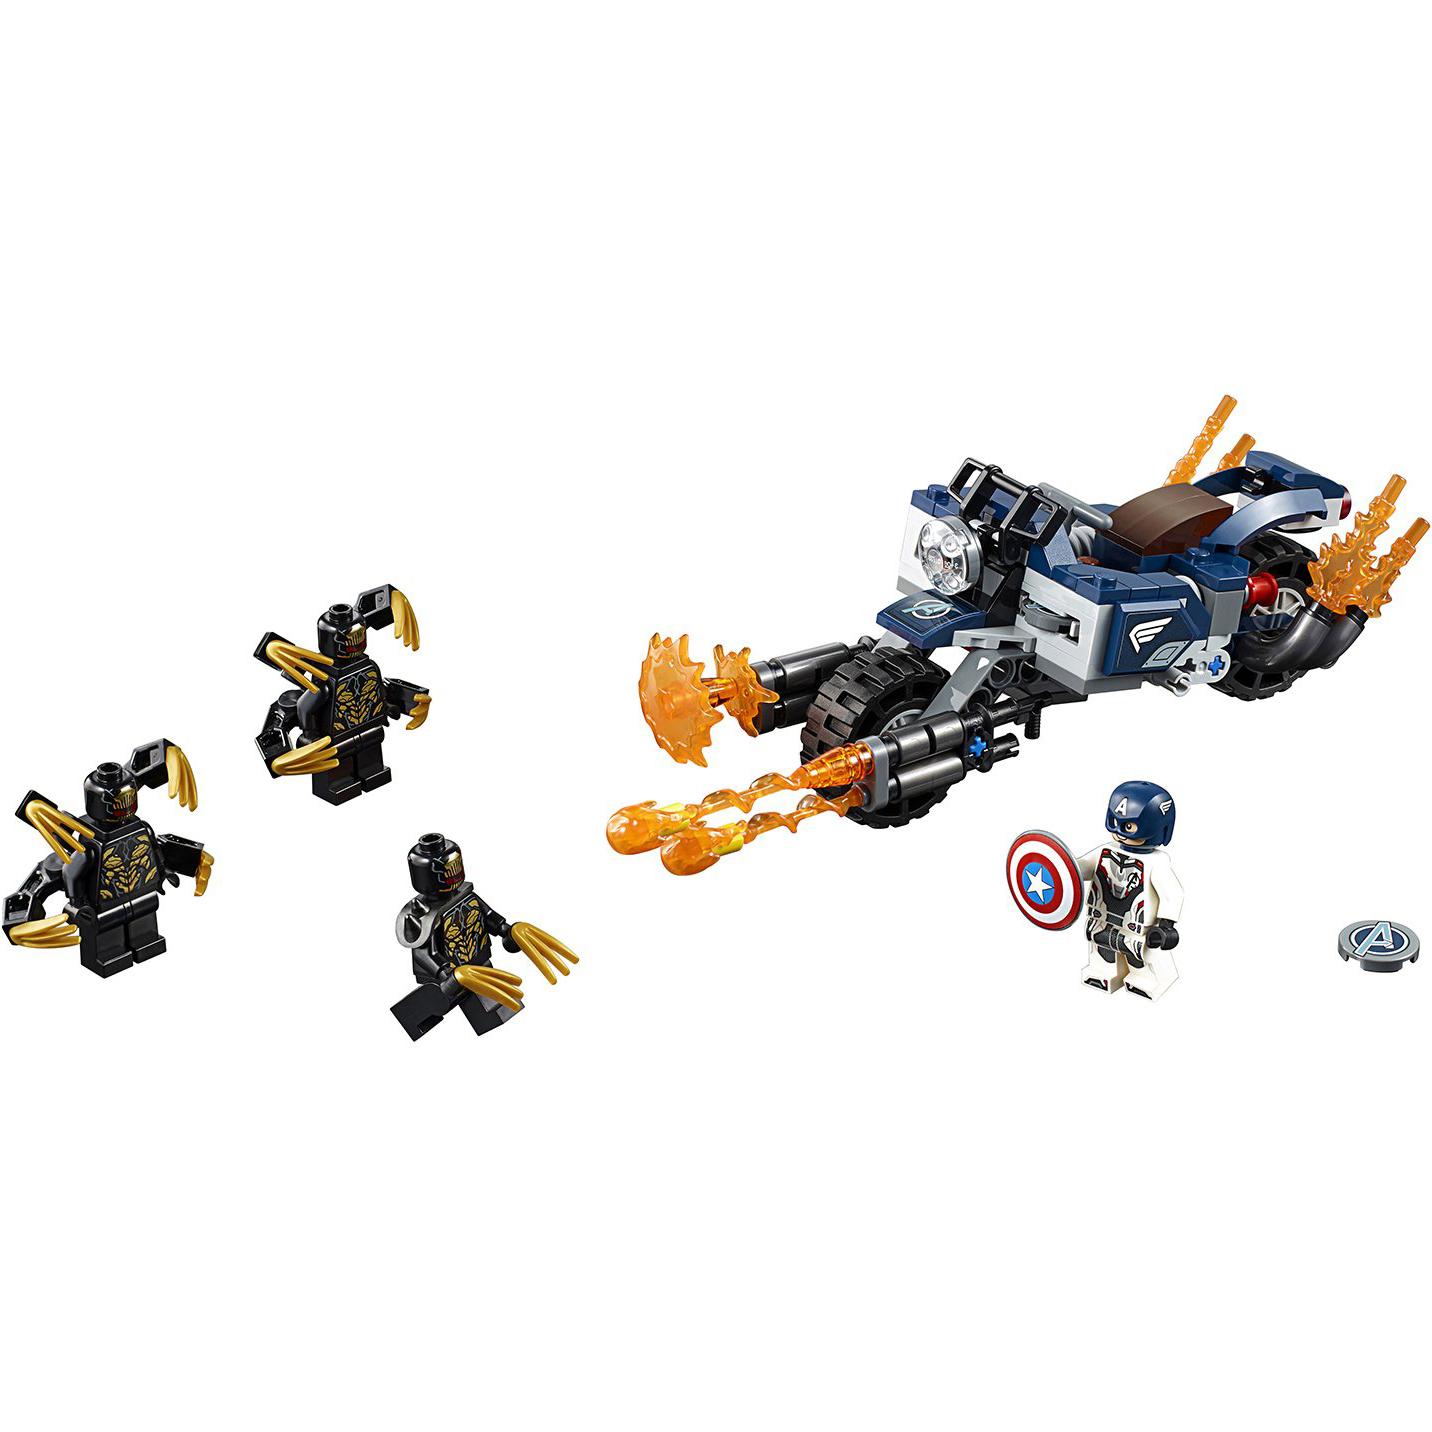 Купить Конструктор Lego Super Heroes Капитан Америка: Атака Аутрайдеров 76123, пластик, для мальчиков, Конструкторы, пазлы